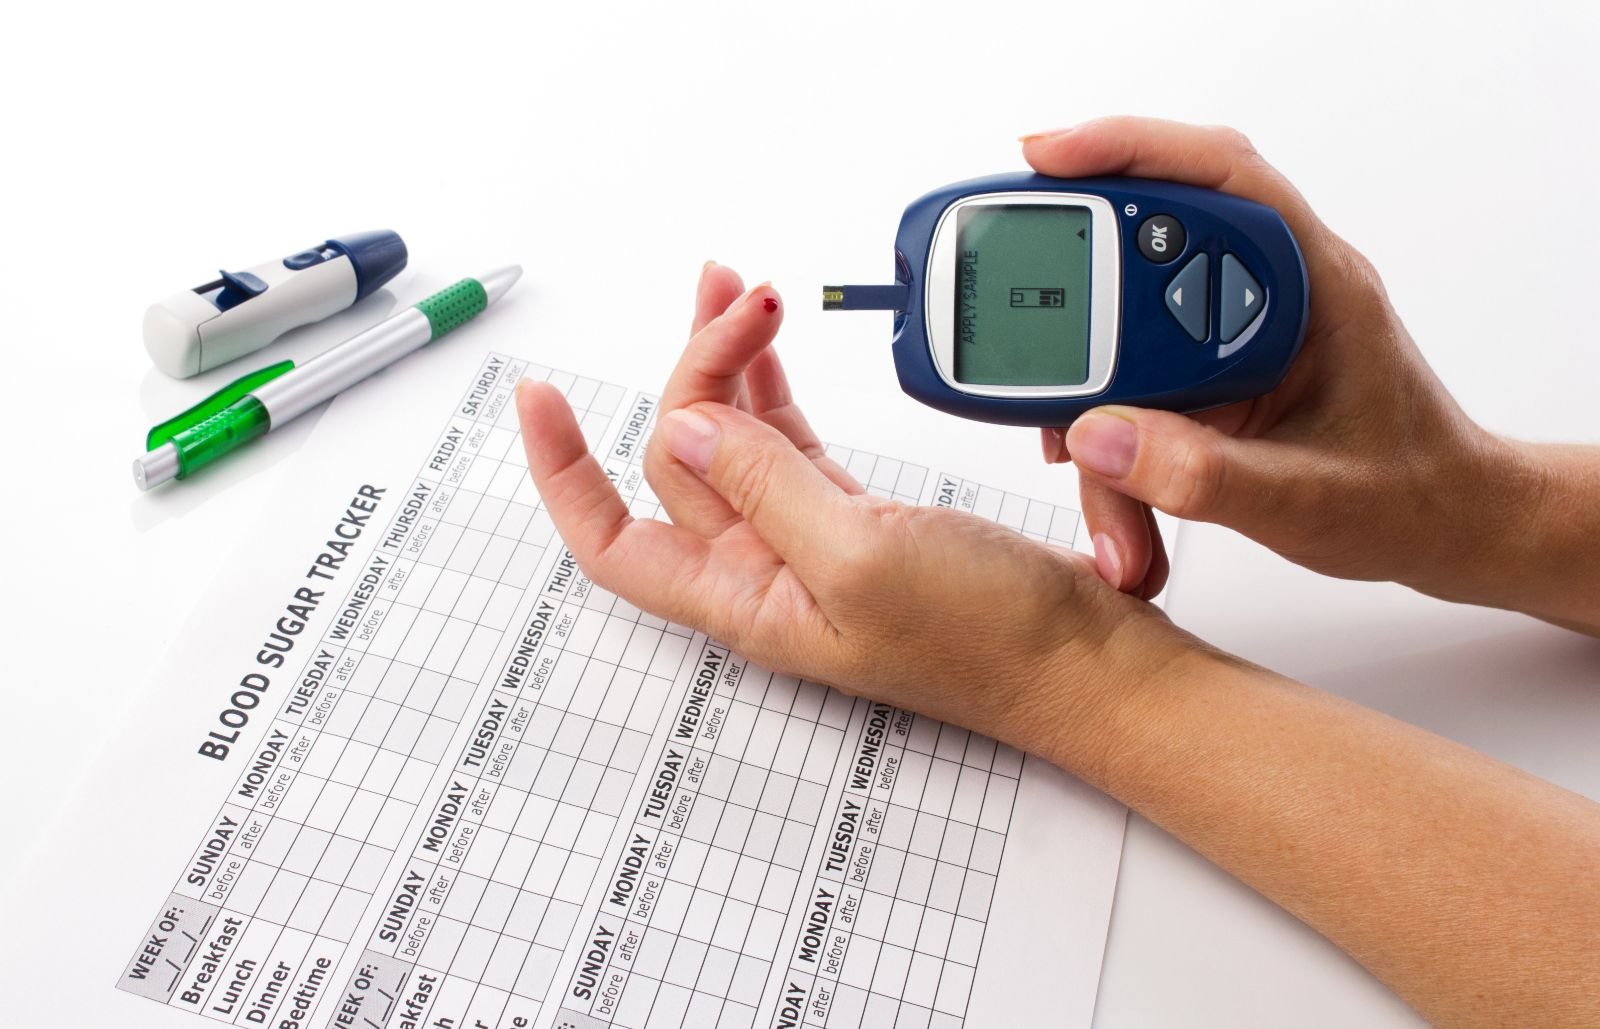 Acercamiento de mano de mujer midiéndose la glucosa y una hoja de bitácora de niveles de azúcar